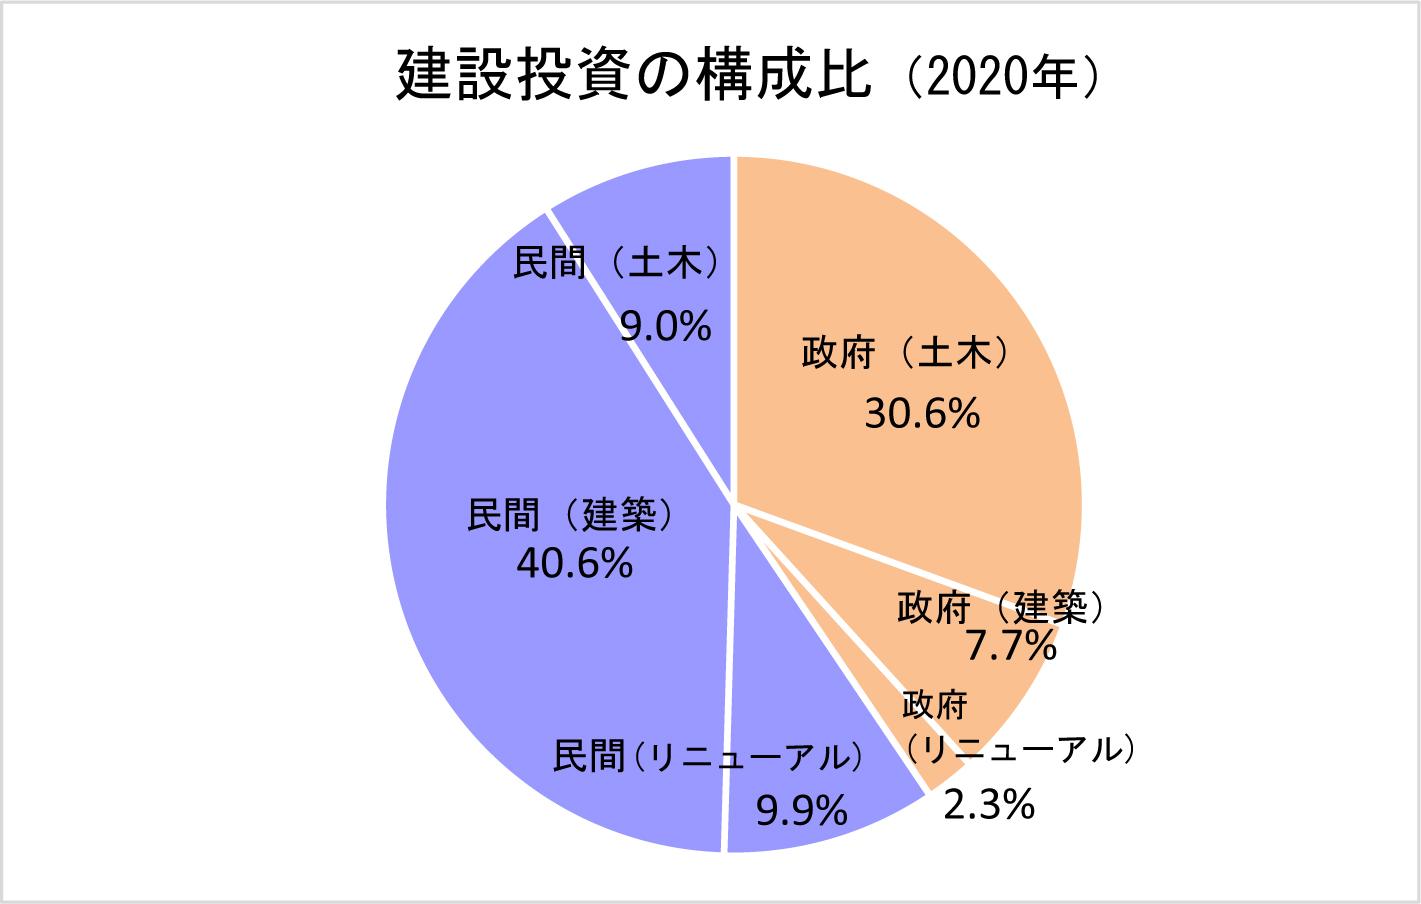 2-10 建設投資の構成比(2020年)